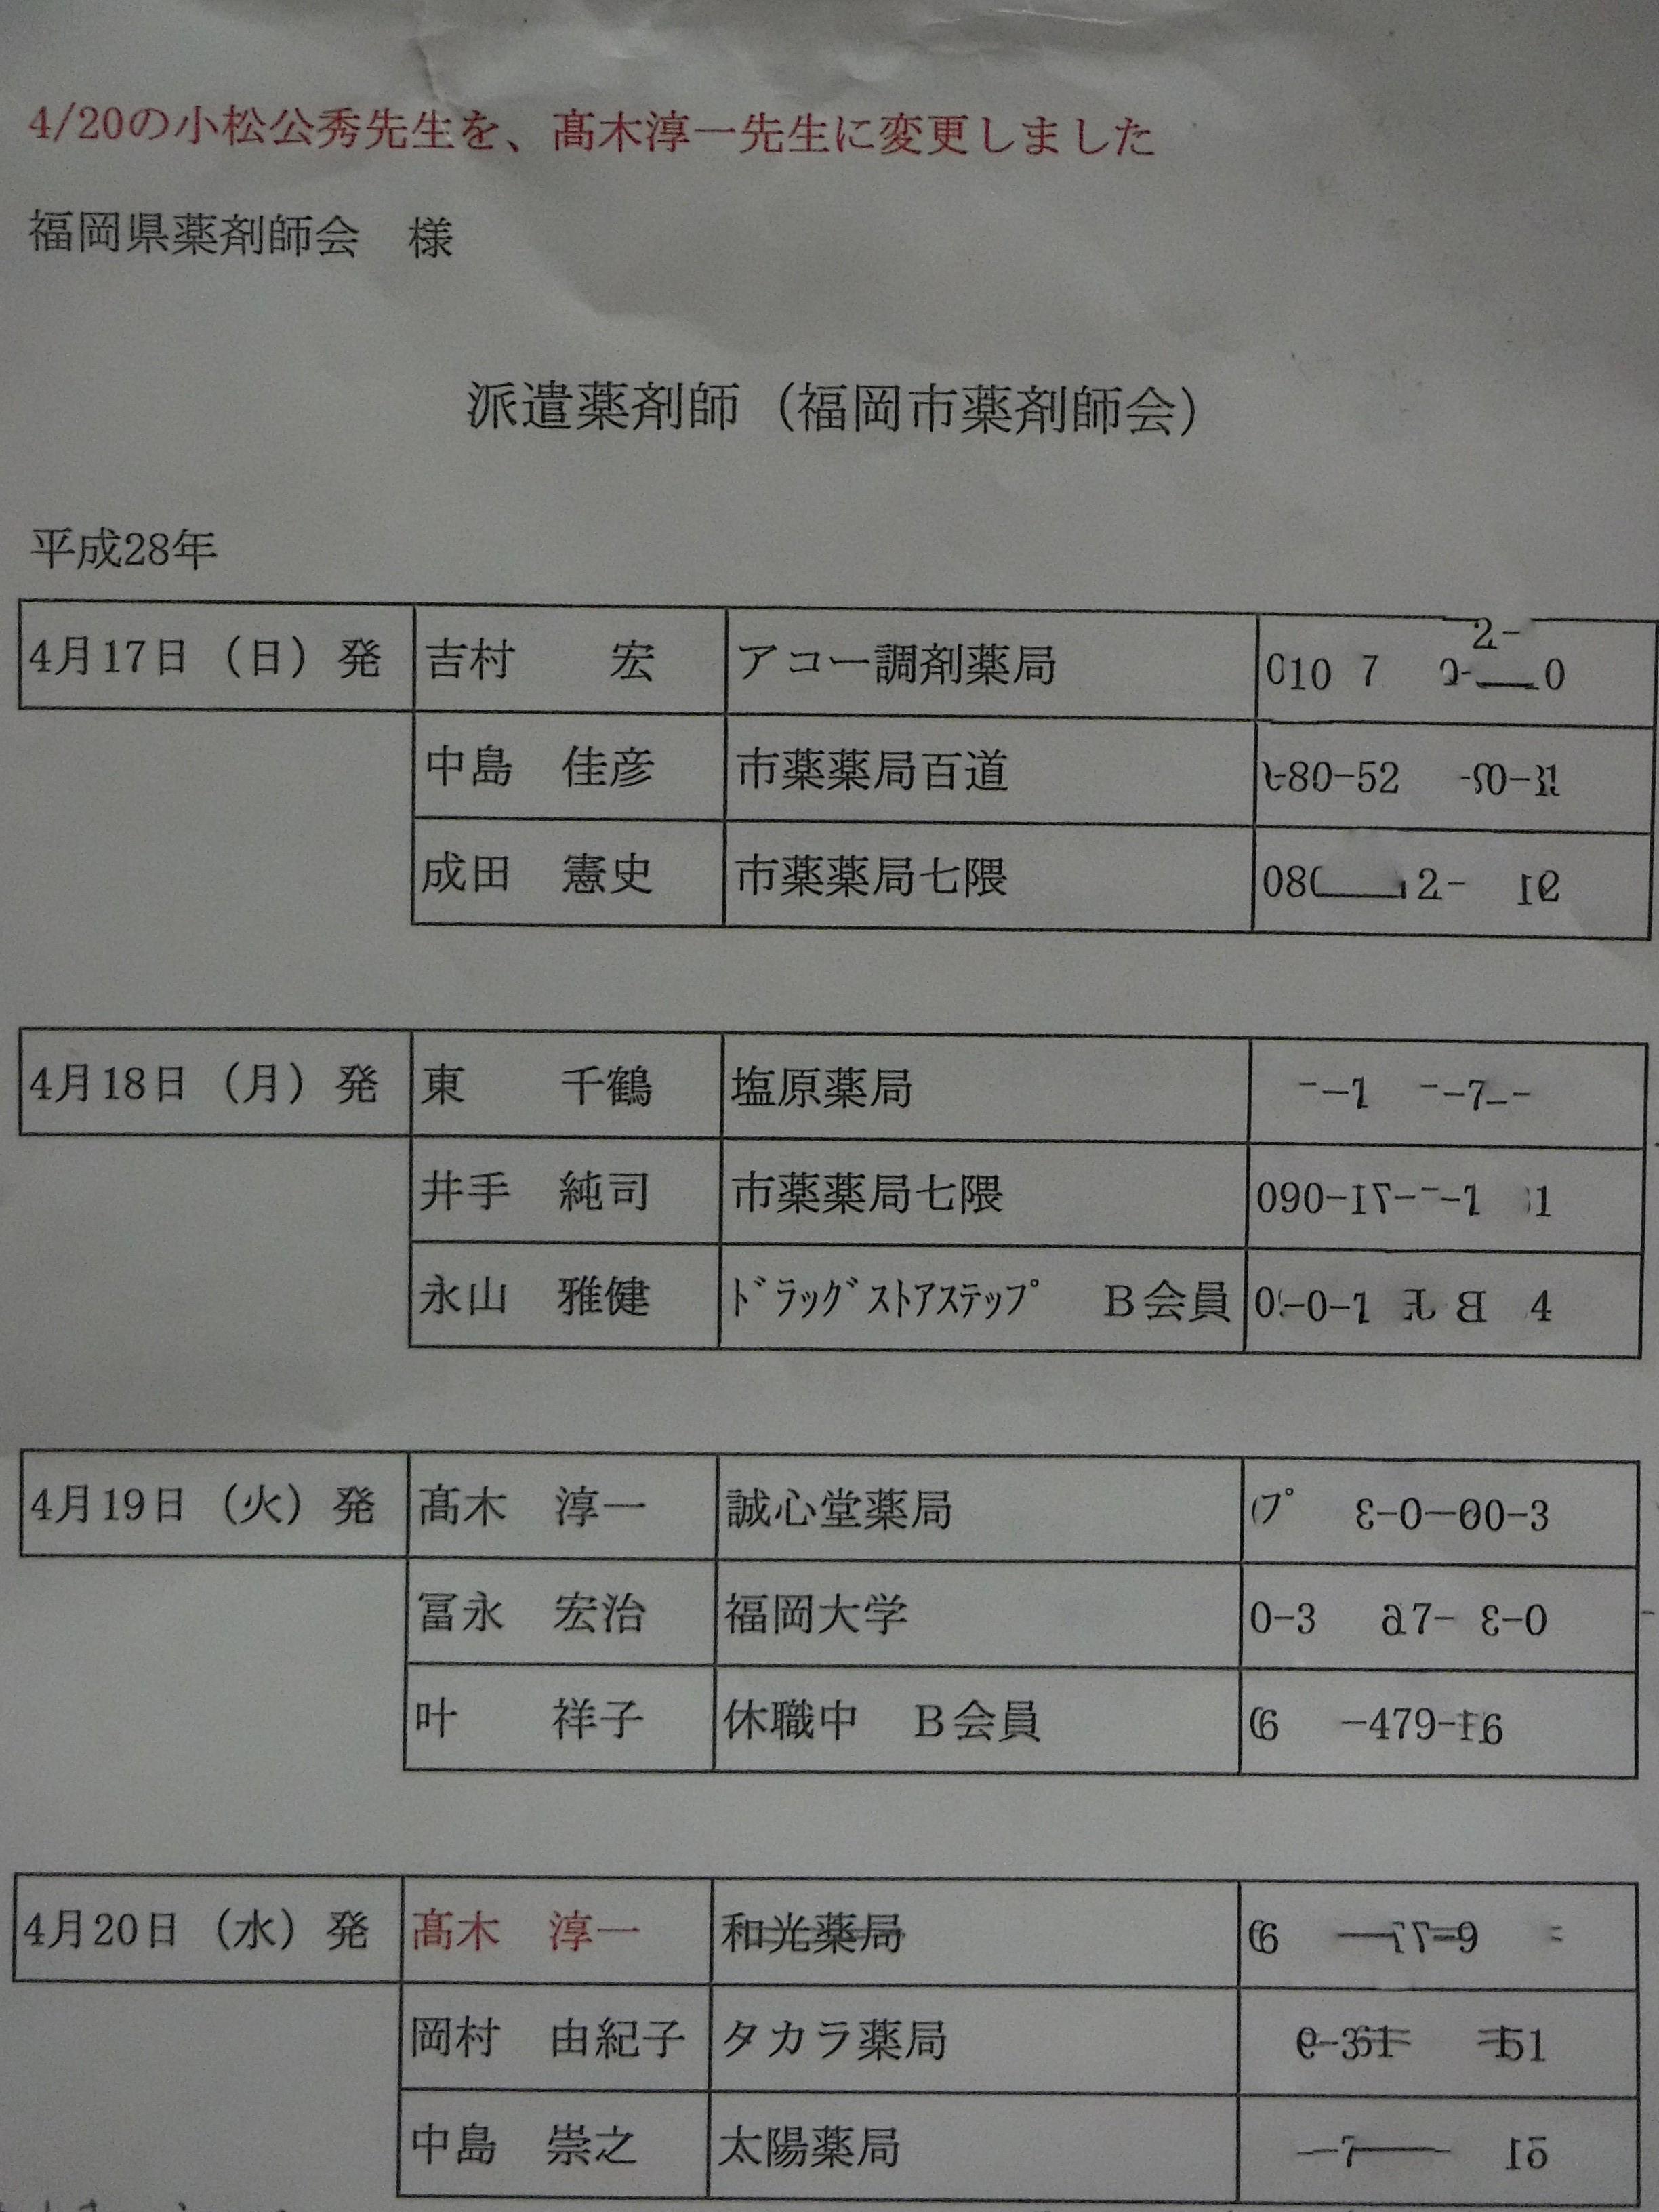 160420熊震熊本薬剤師会引継ぎ5.JPG